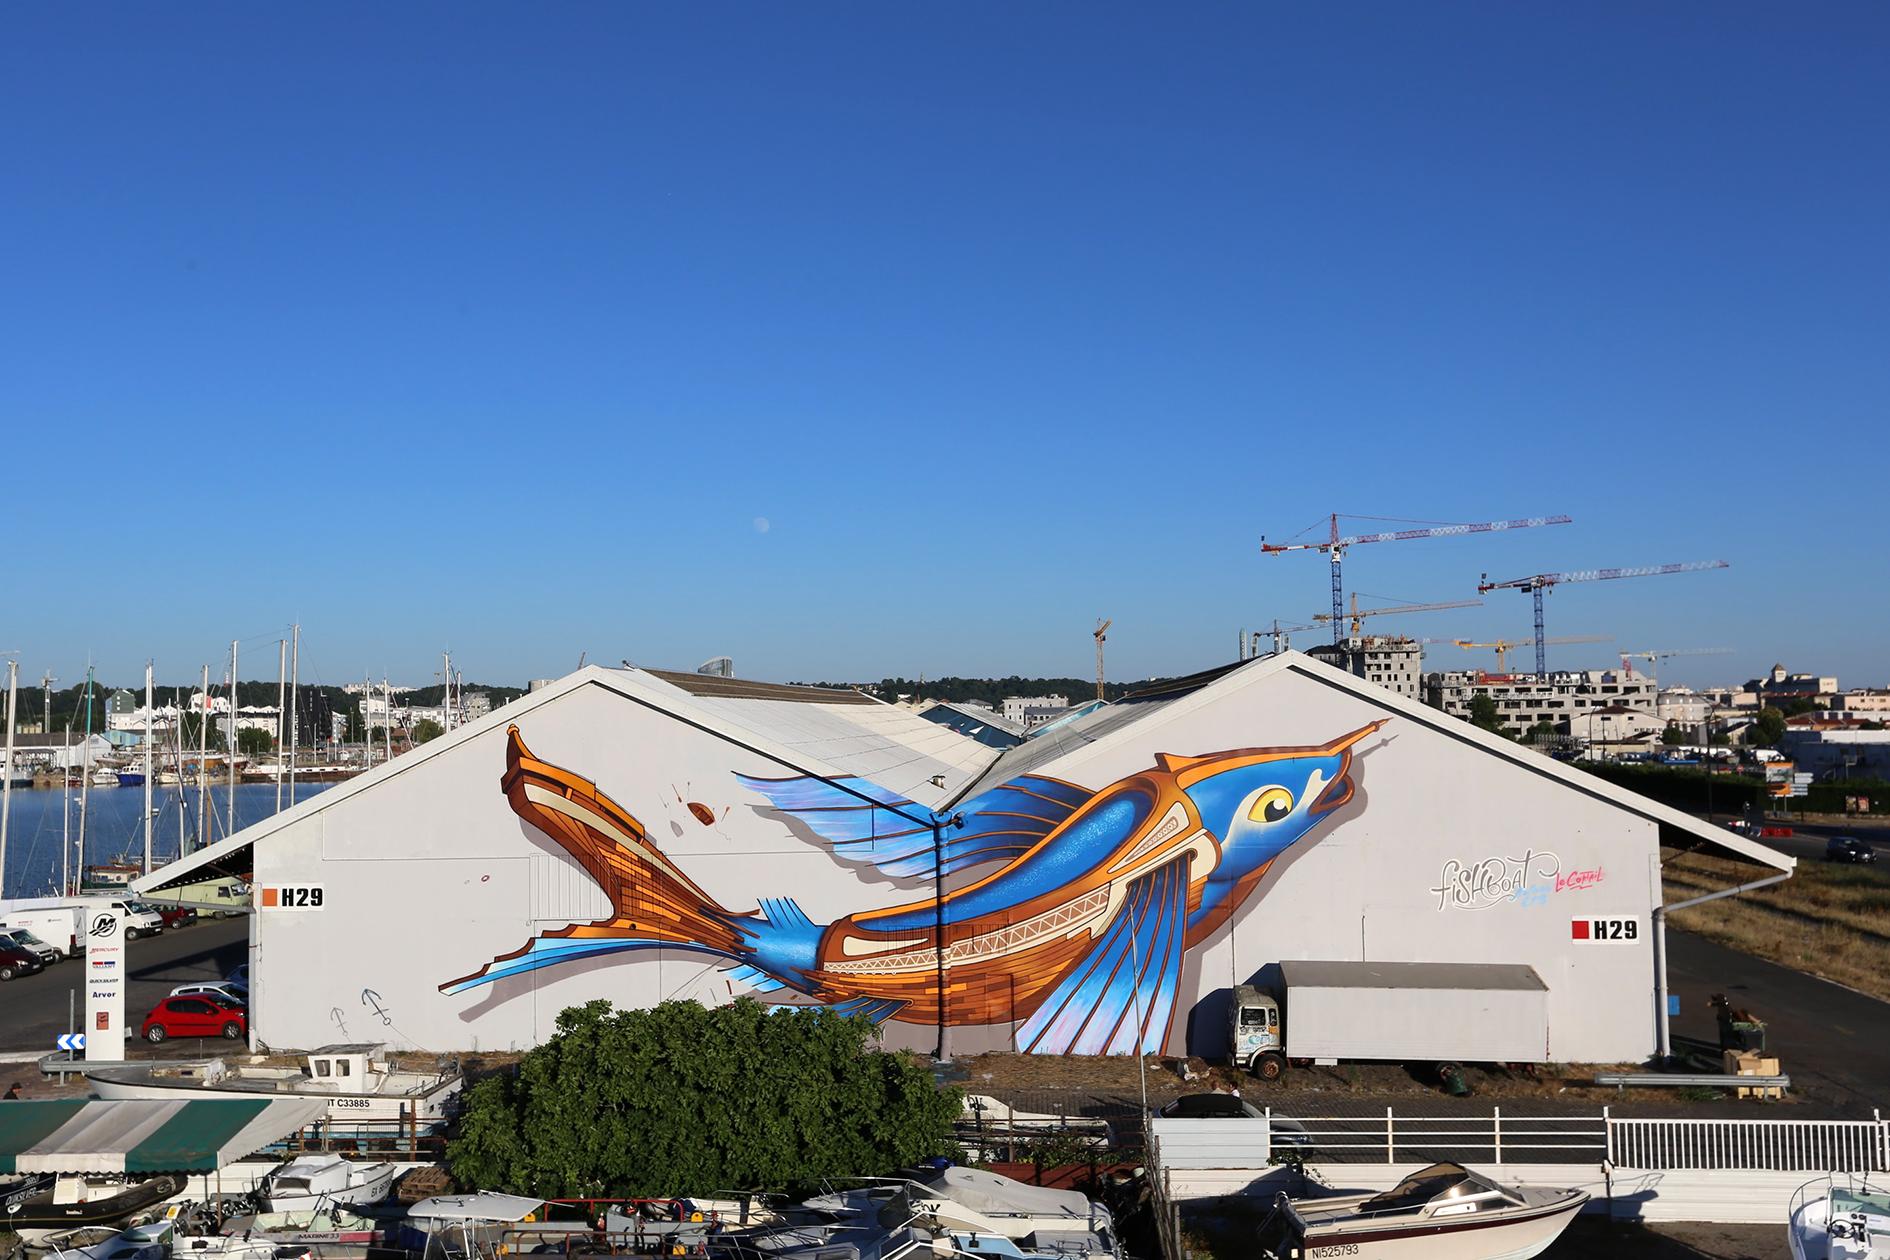 Nerone-fishboat-bordeaux-street-art-9